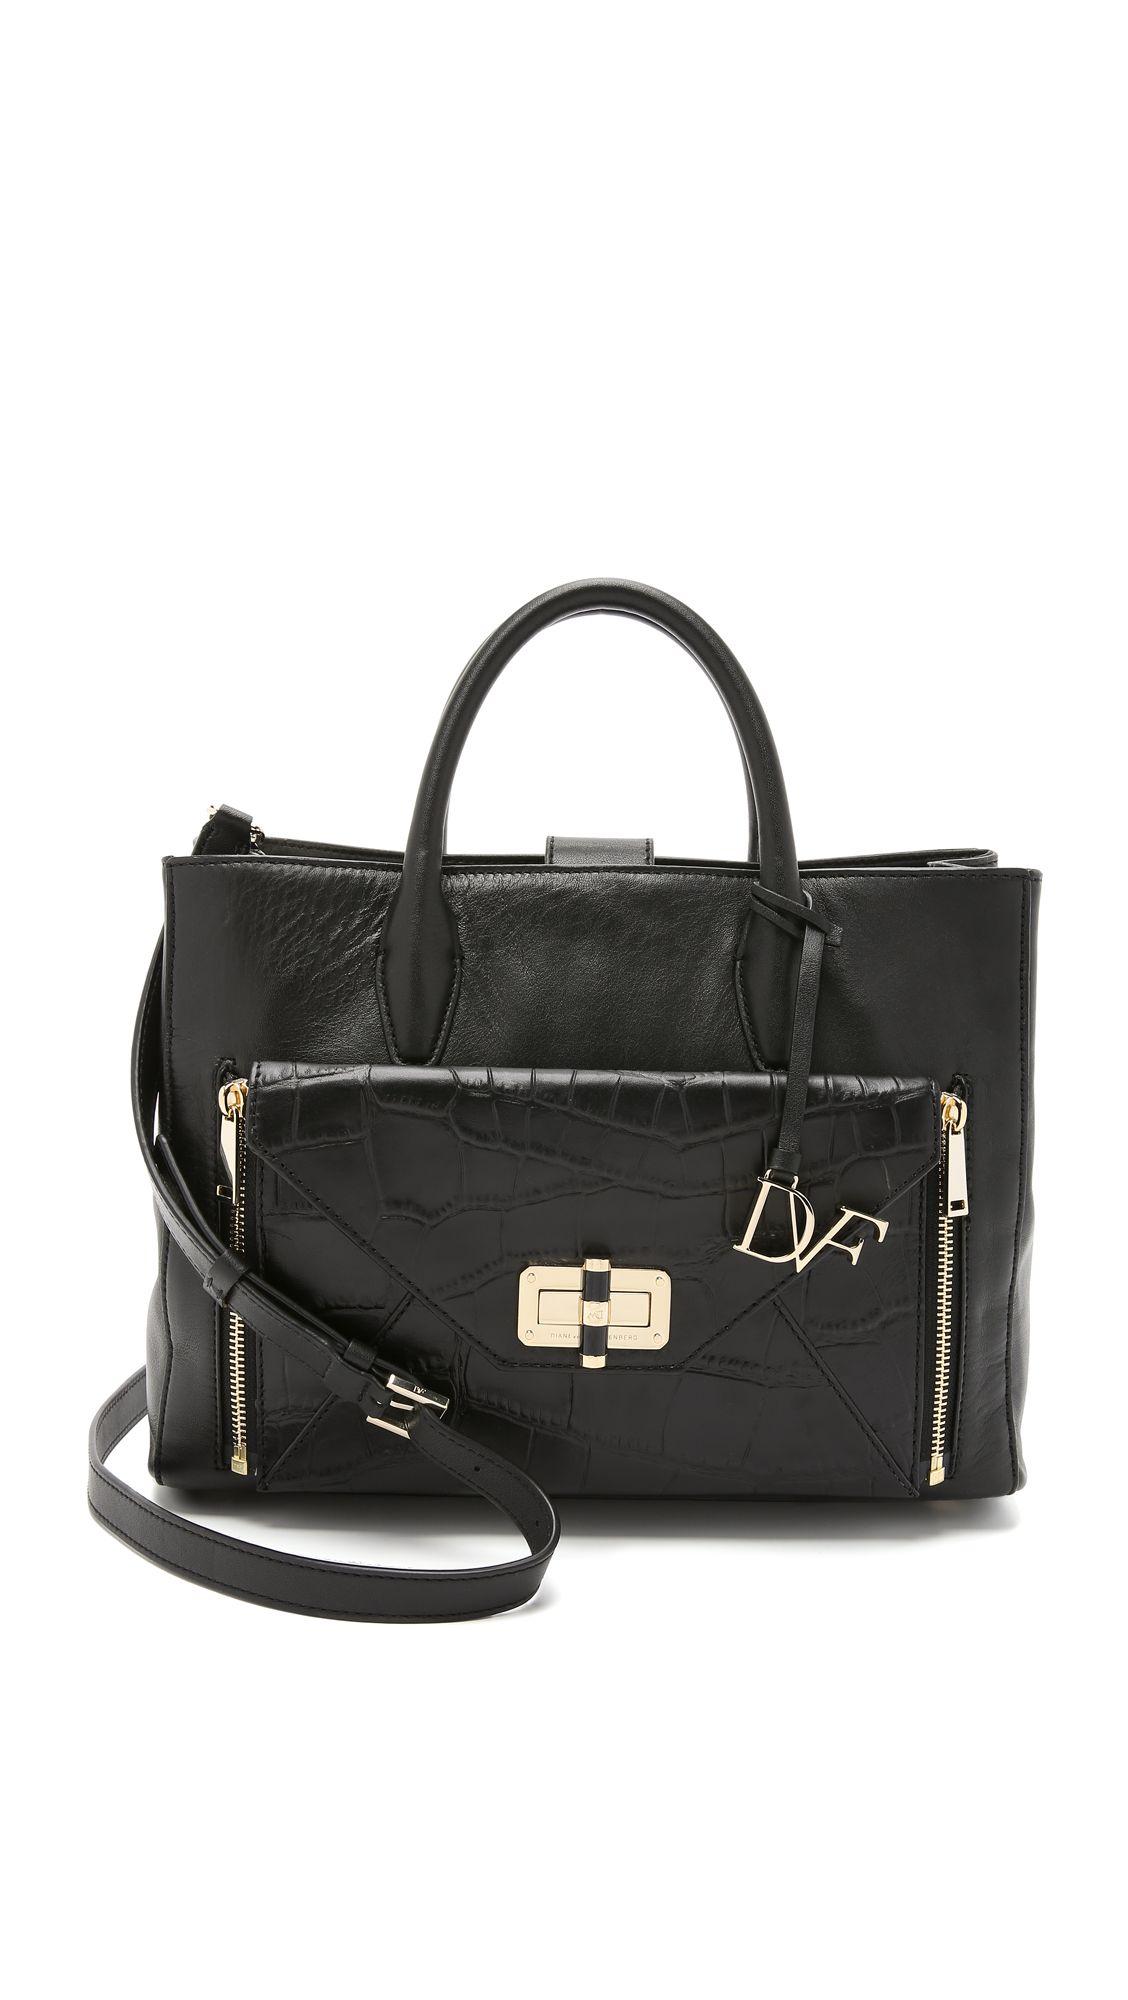 Diane Von Furstenberg 440 Gallery Large Secret Agent Tote Dianevonfurstenberg Bags Shoulder Hand Leather